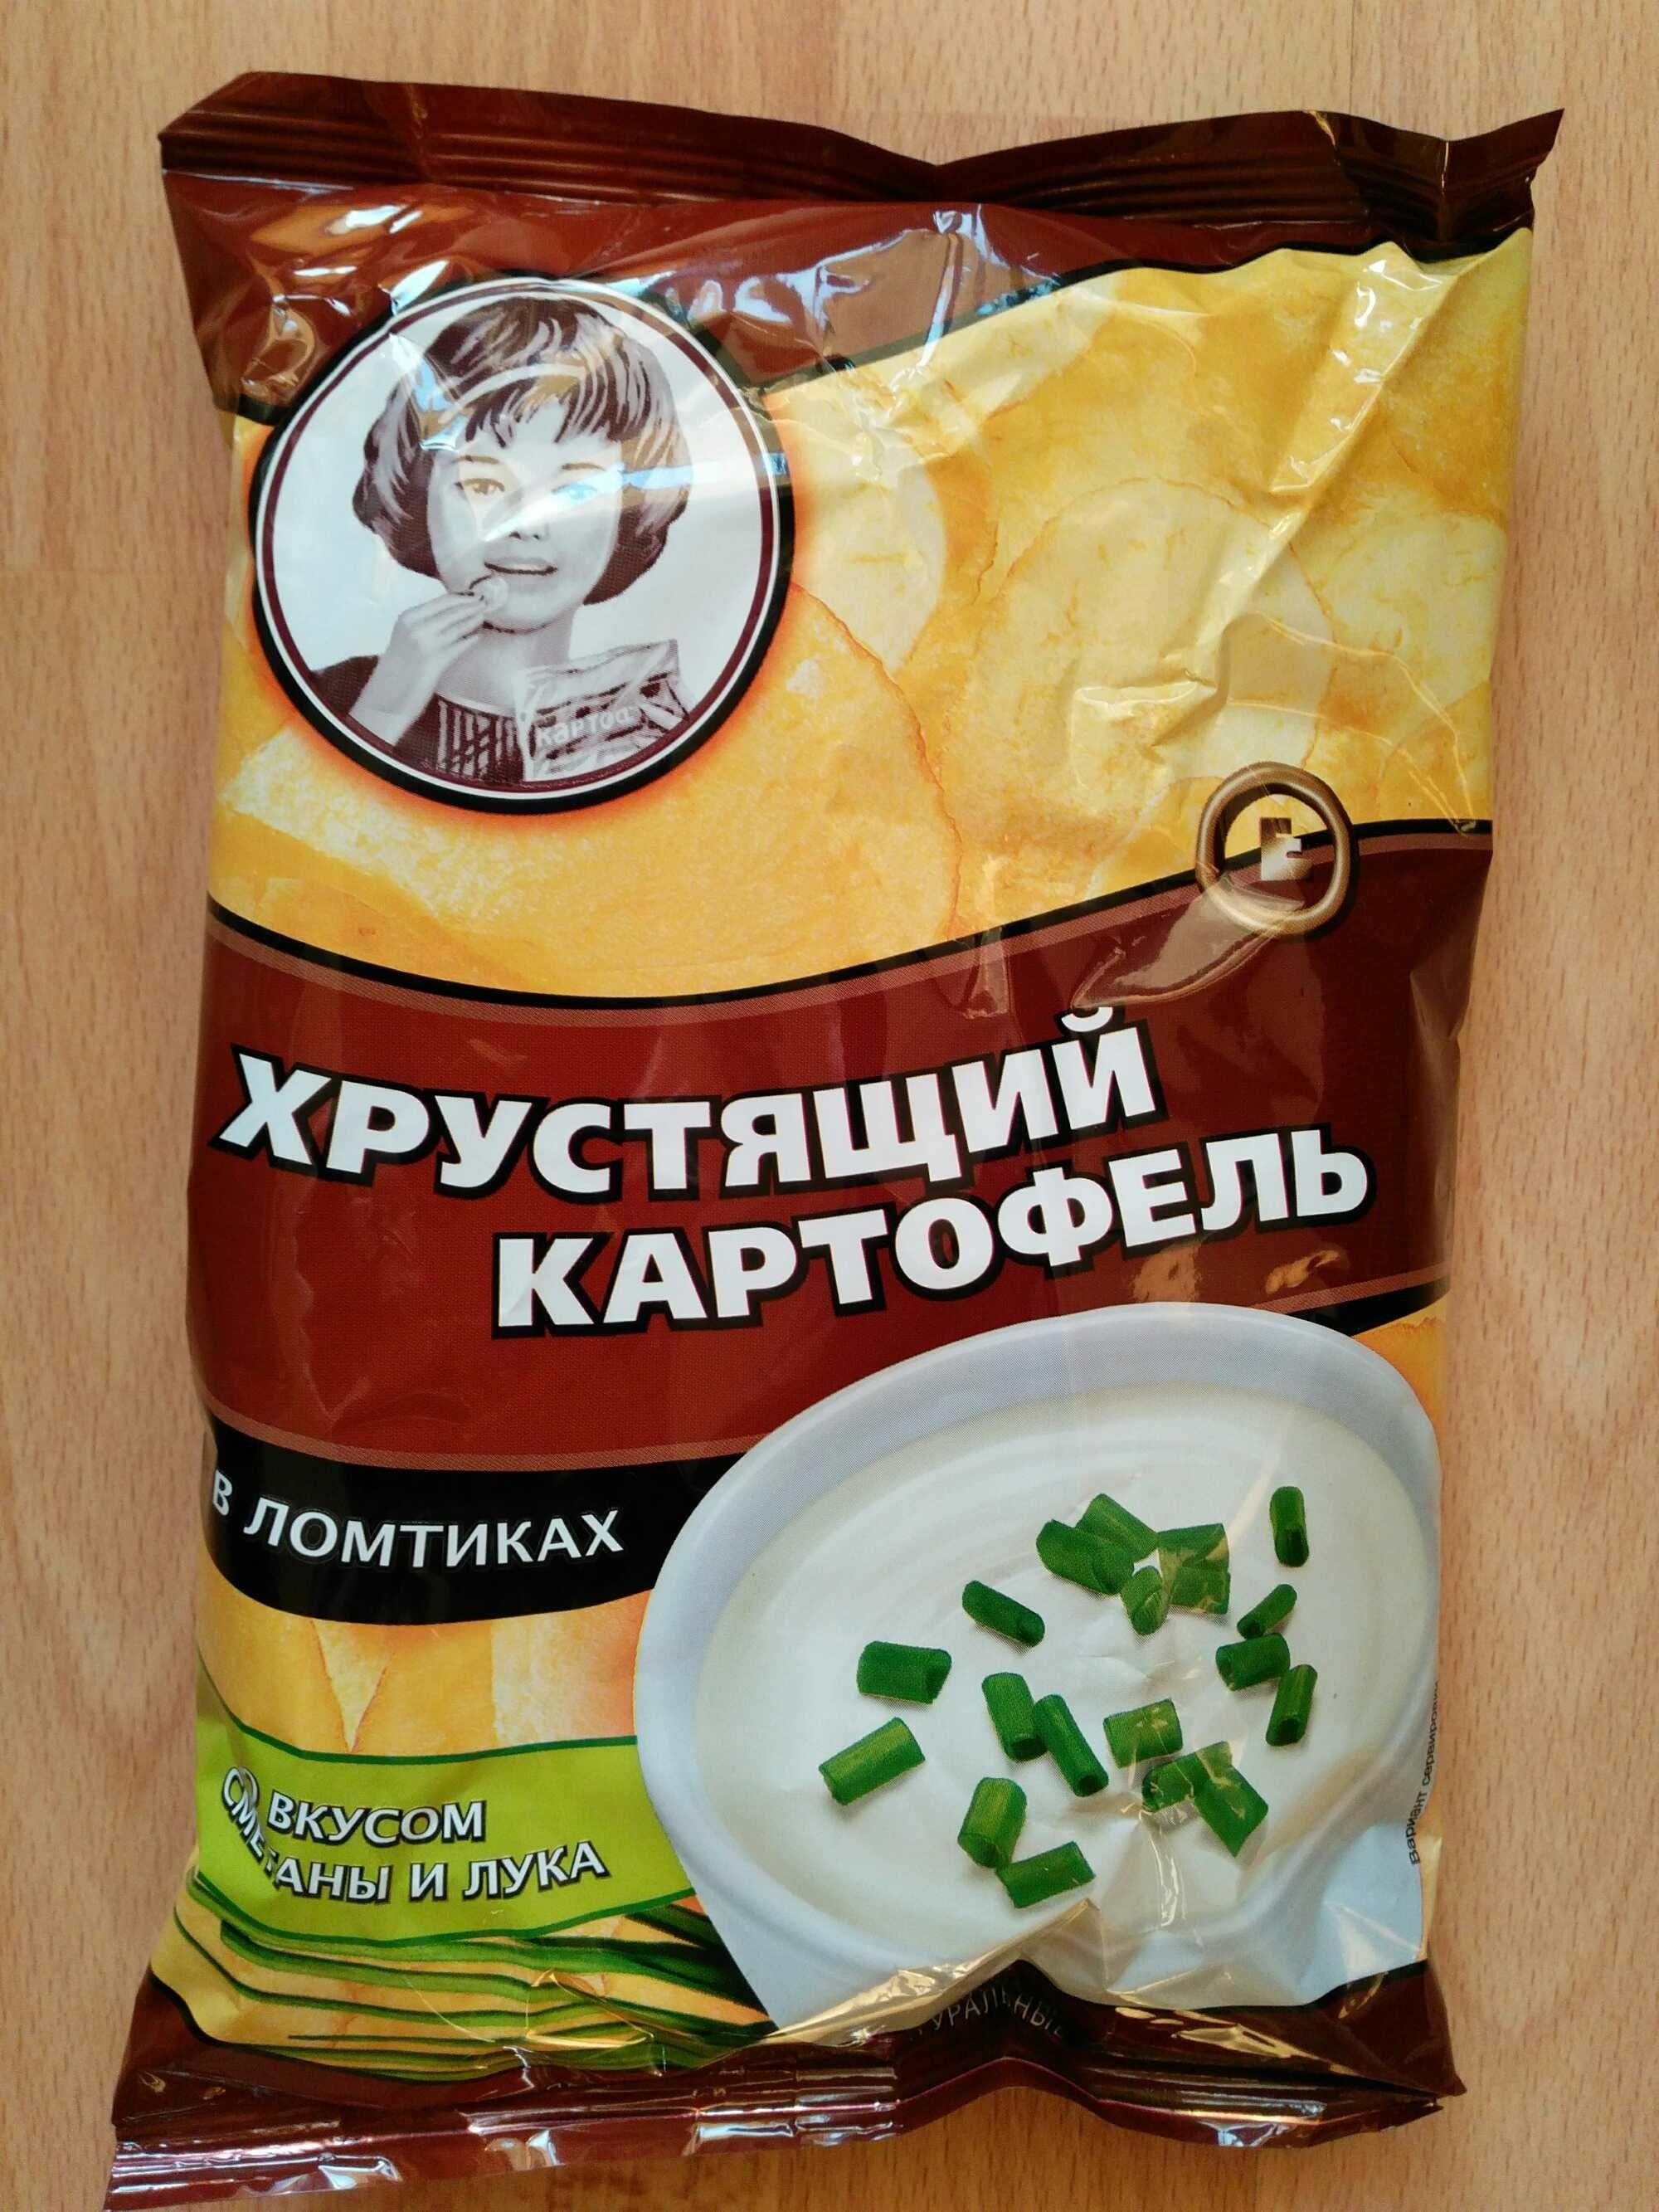 Хрустящий картофель картинки